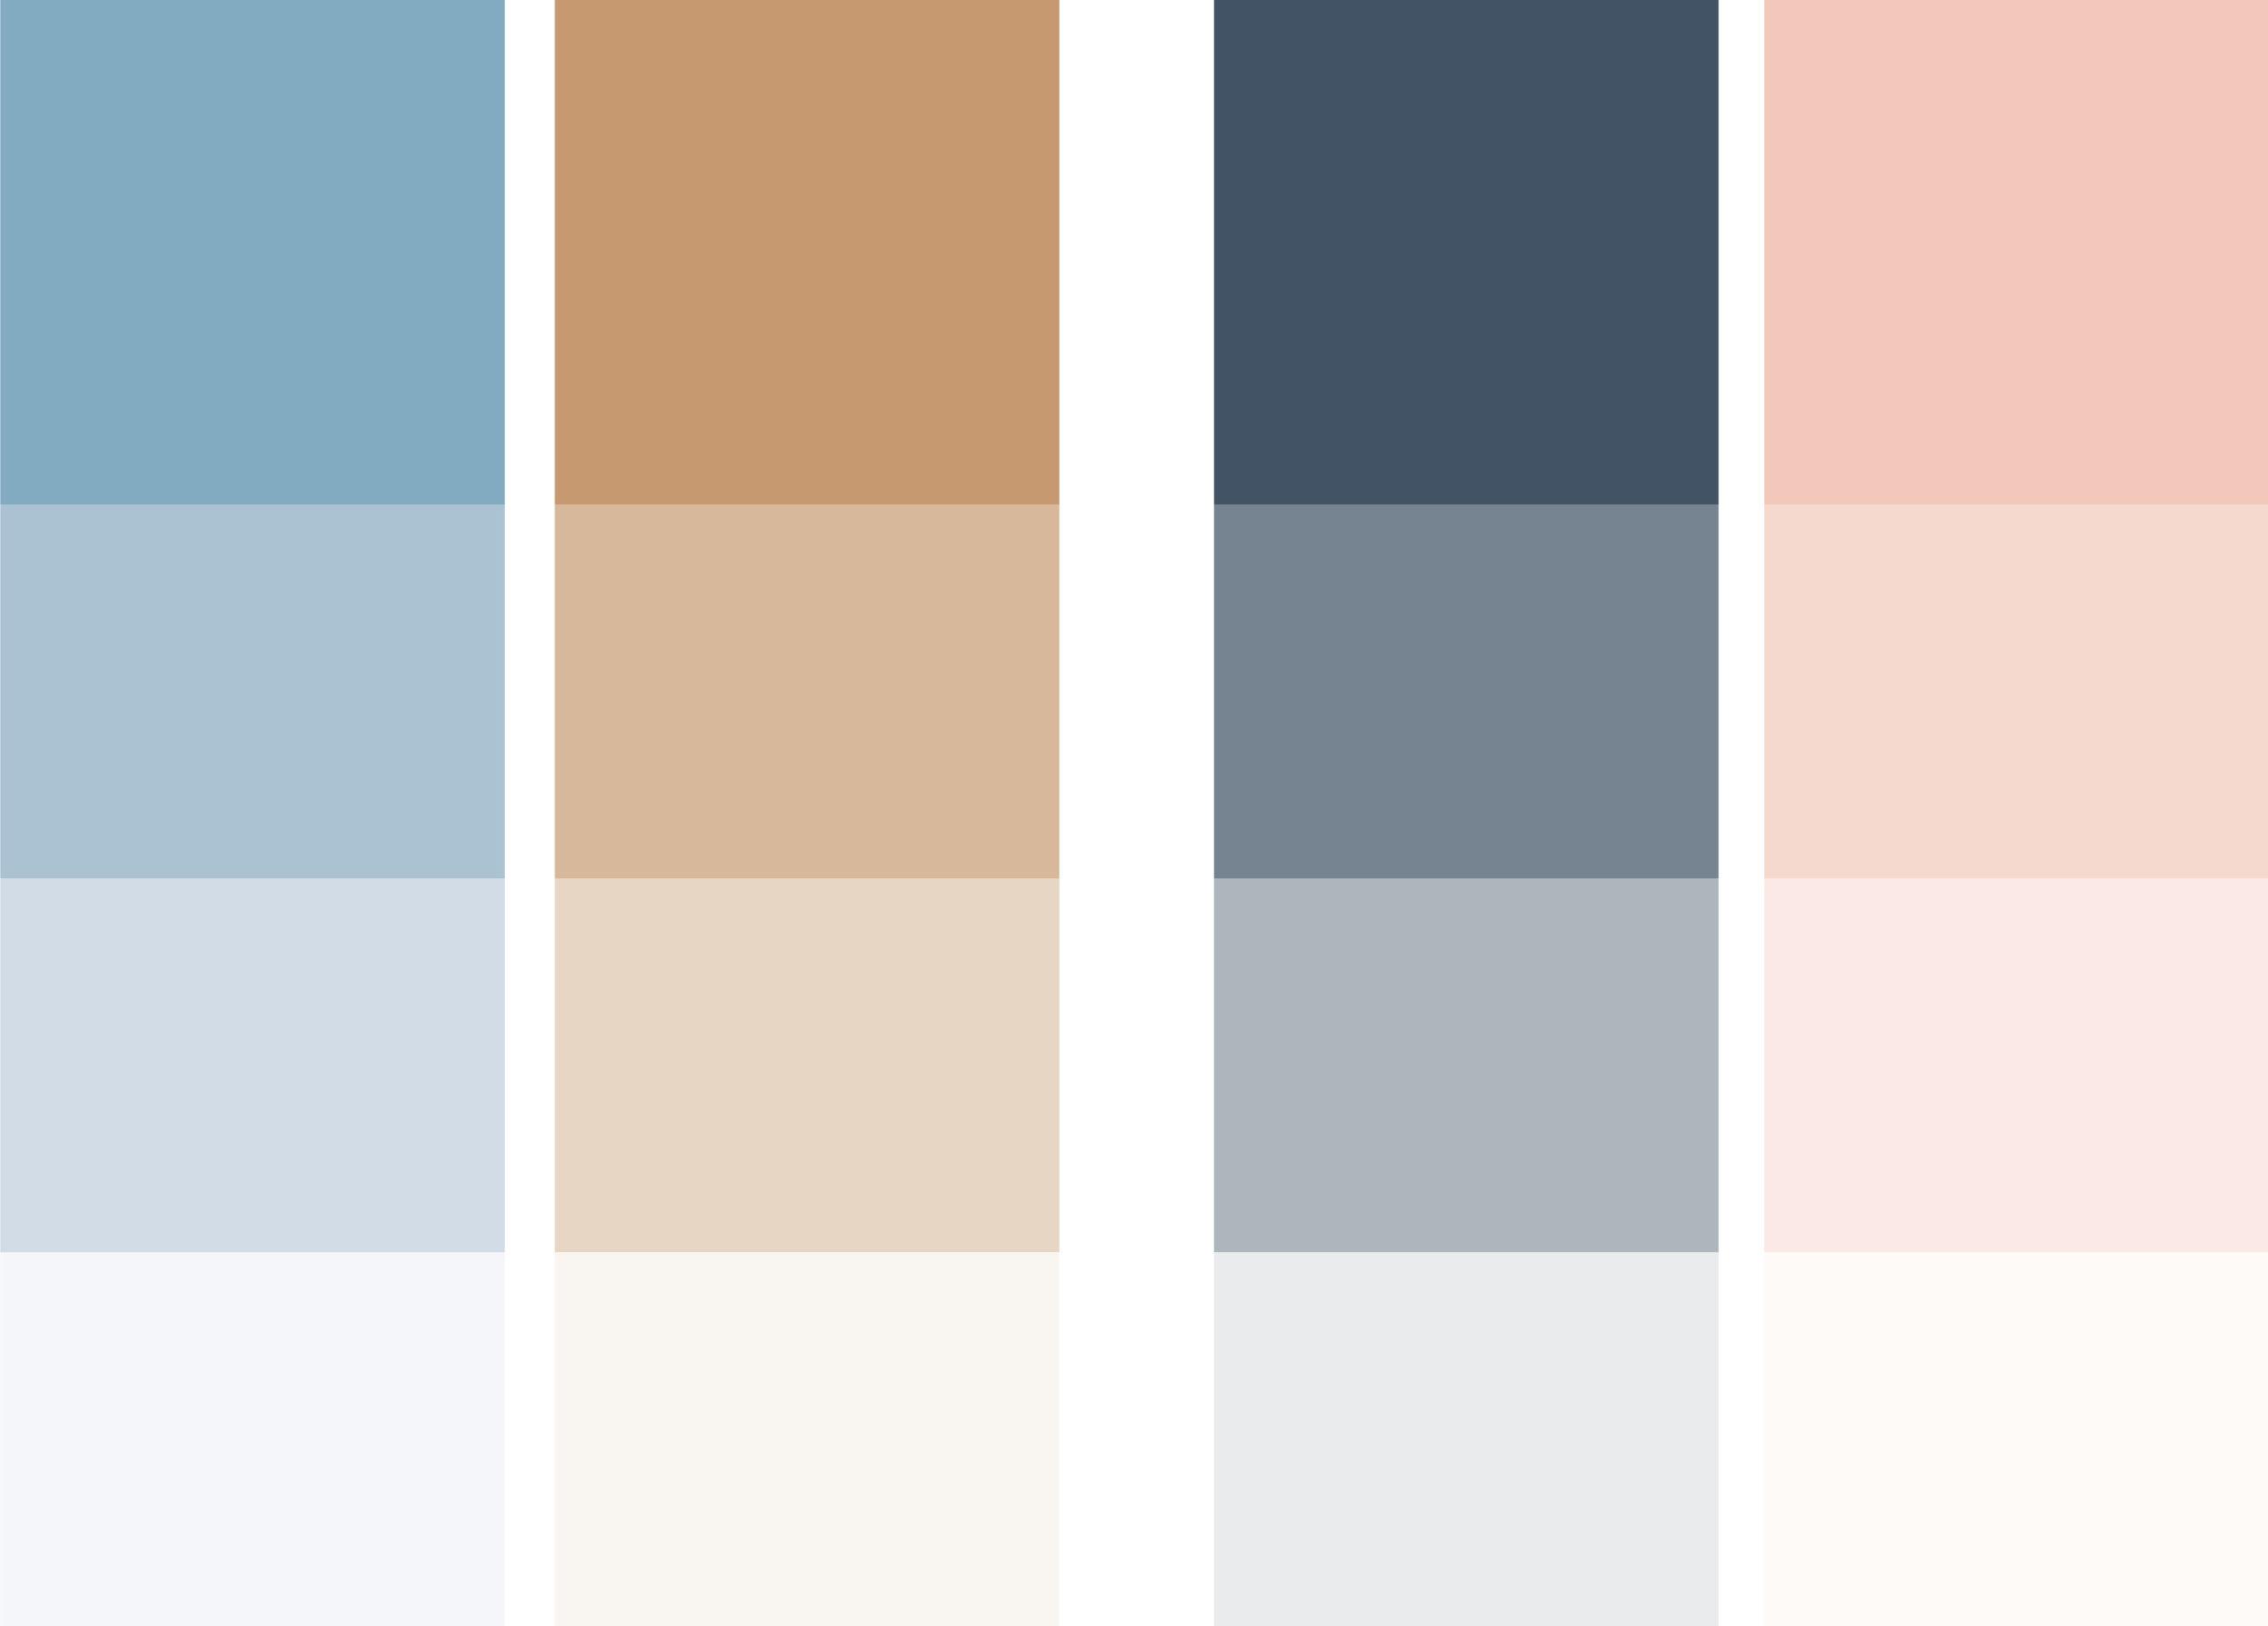 Fargepalett og visuell profil for Snøhetta Terapi, laget av Haus Byrå